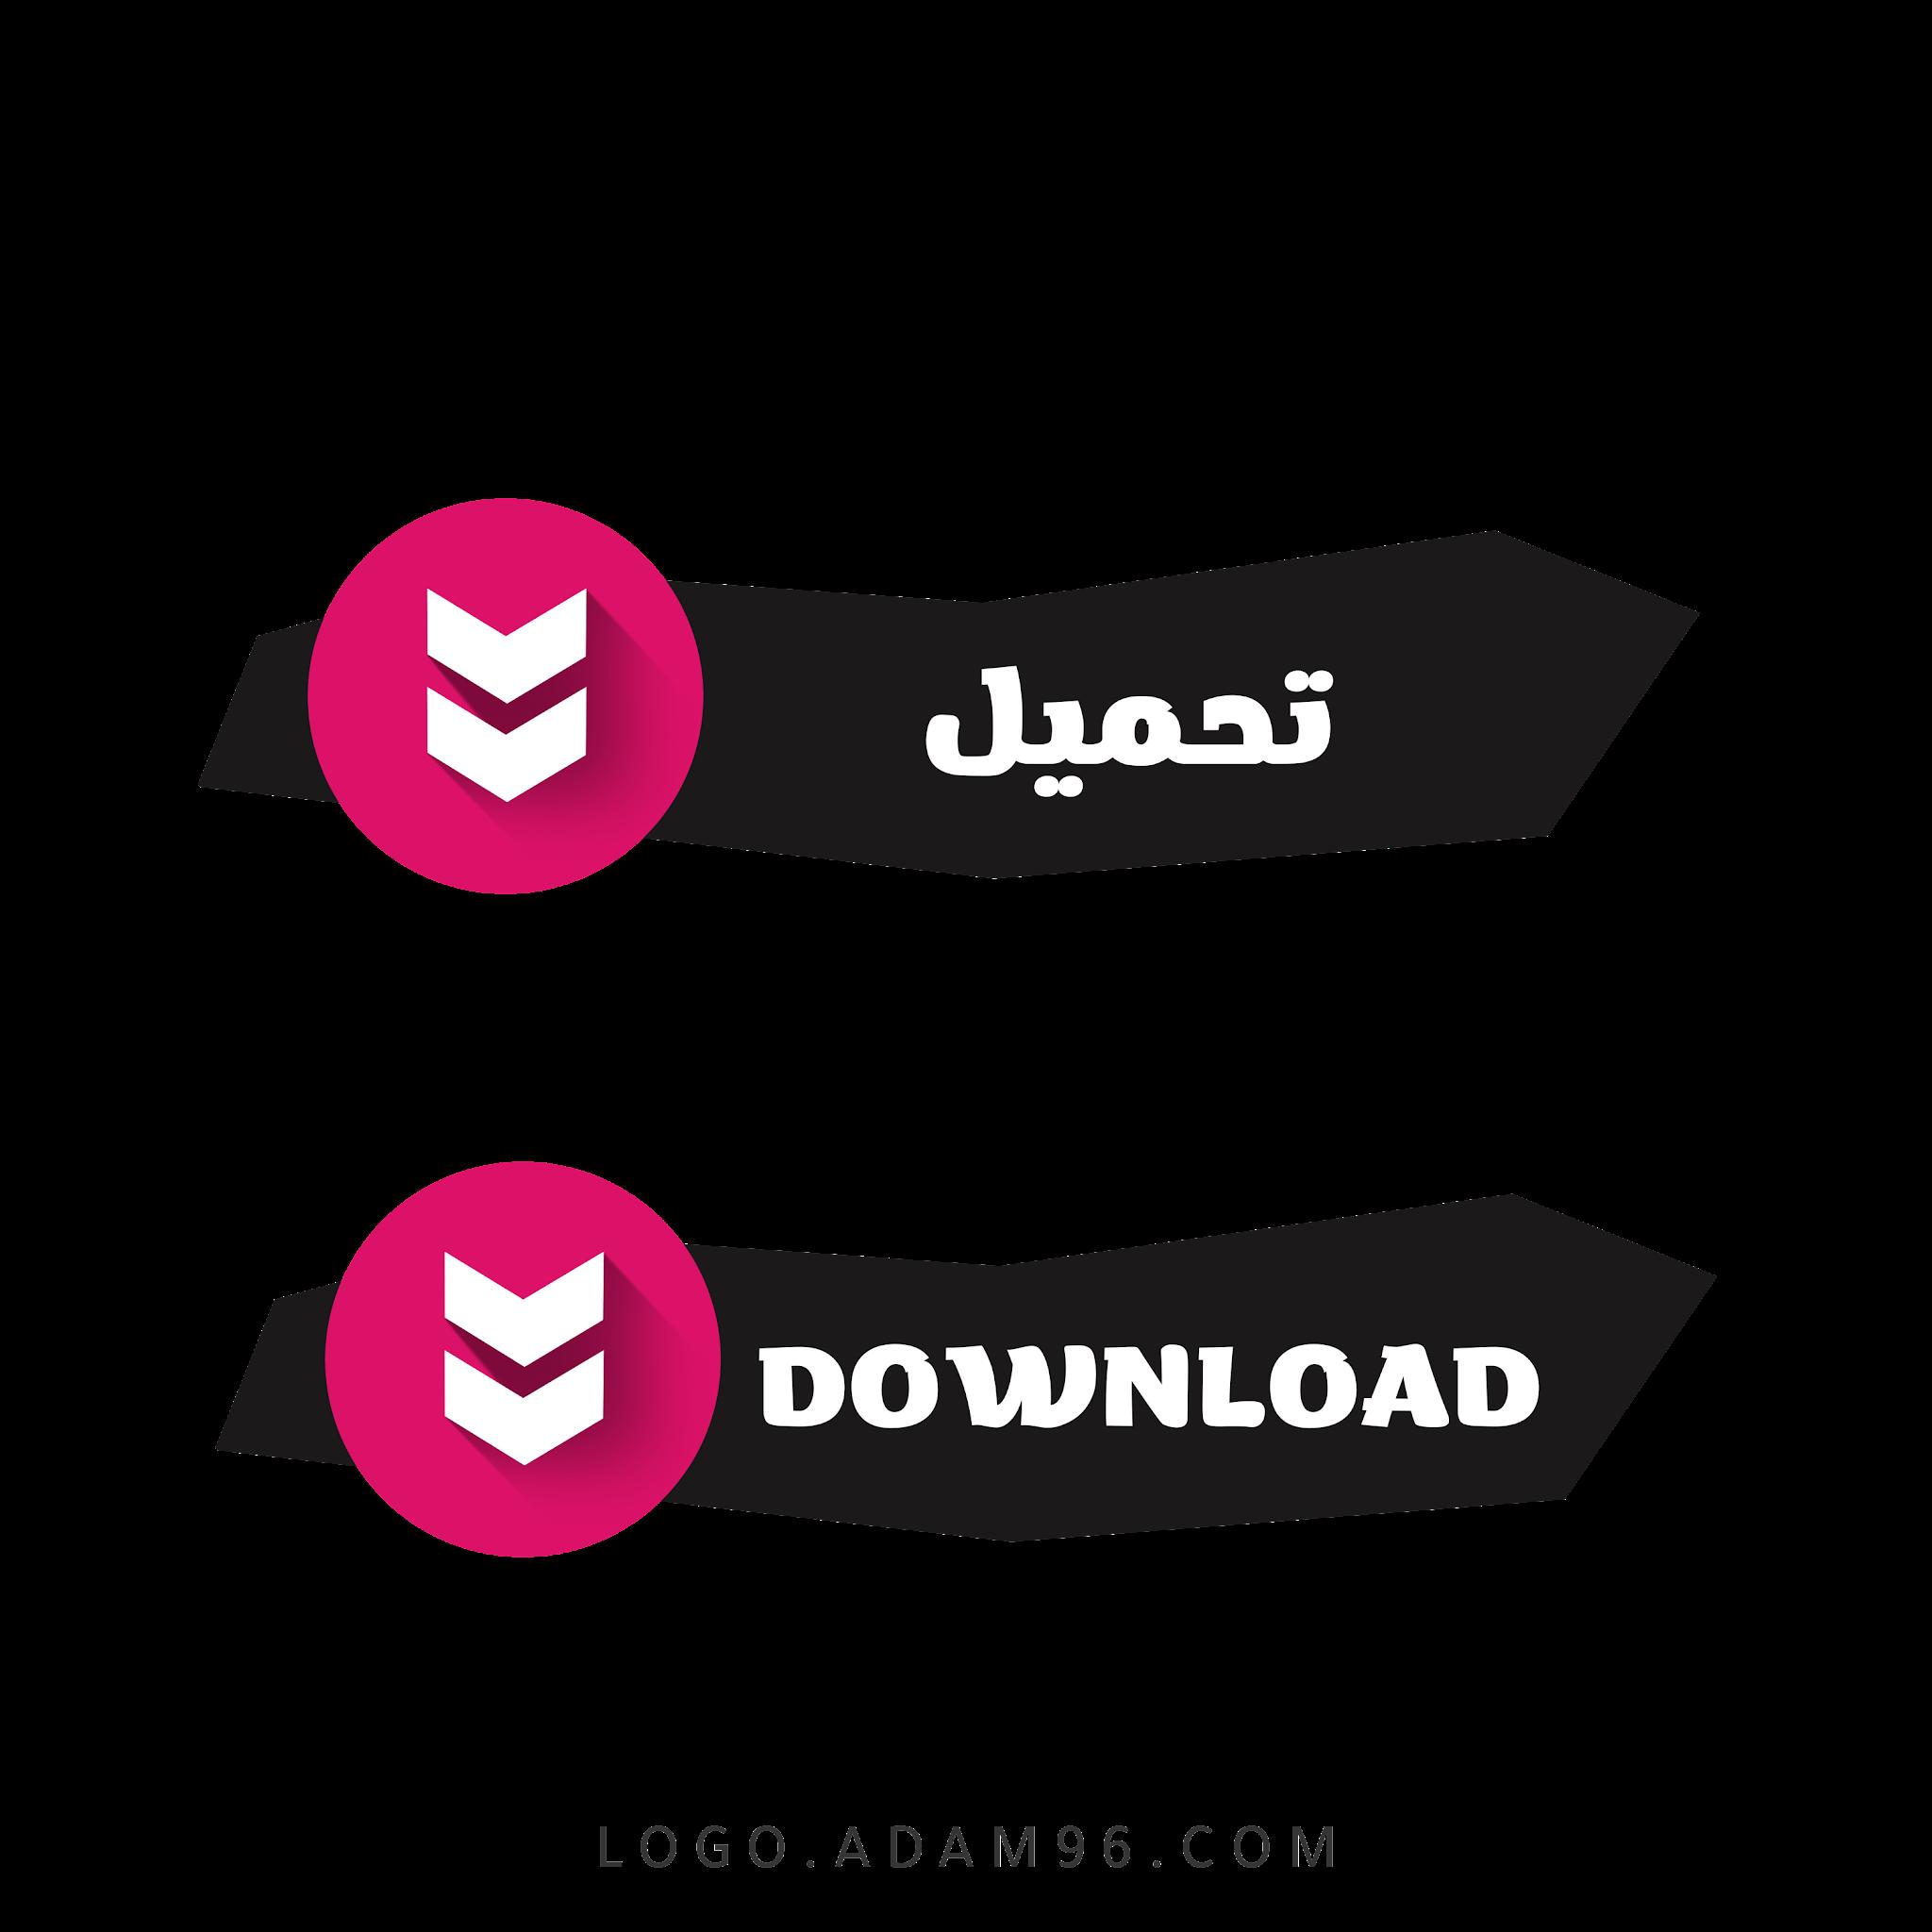 تحميل ايقونات تحميل ملفات شفافة Download Icon PNG